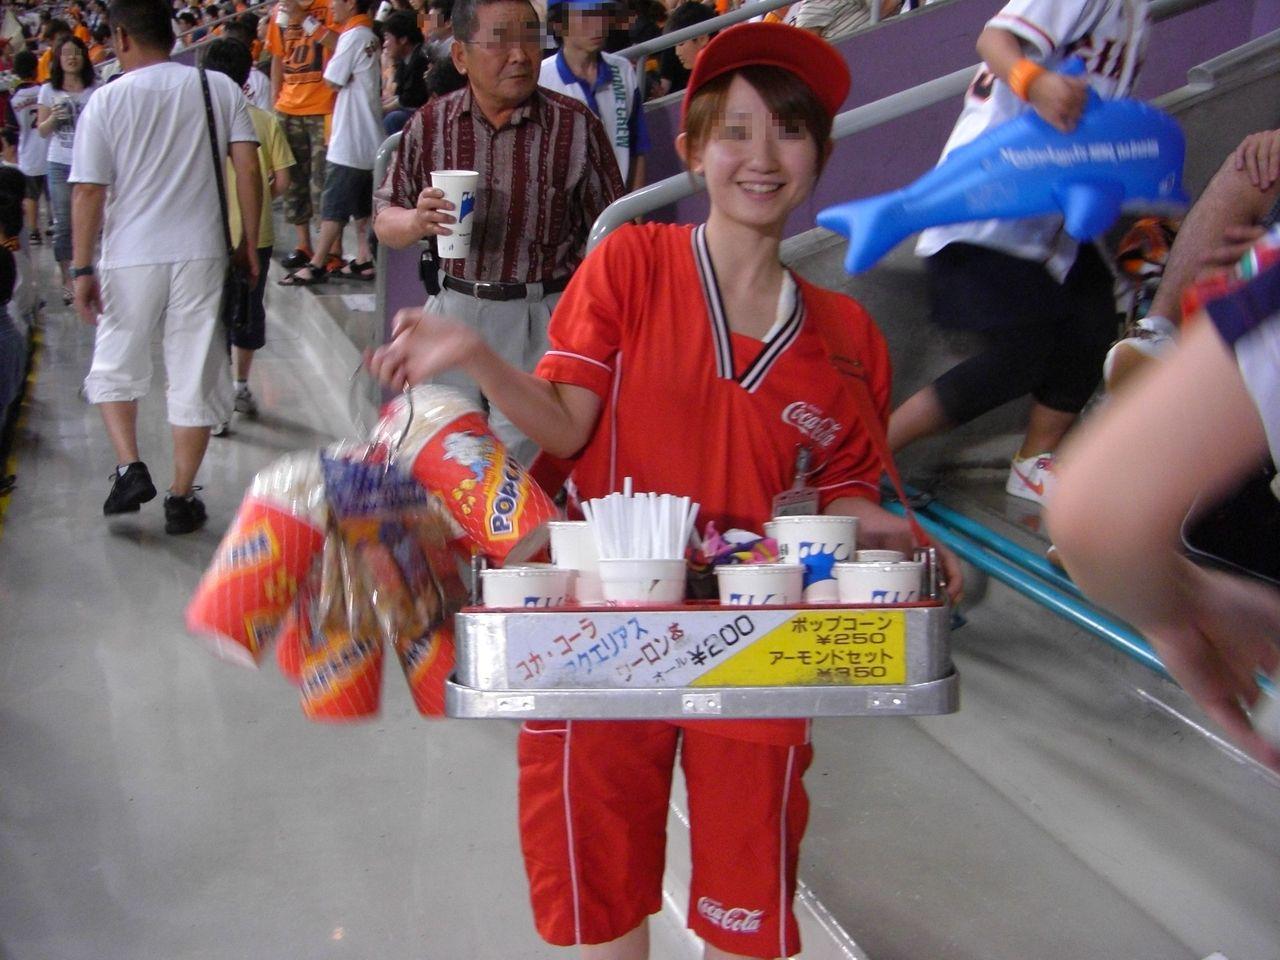 (即バボ)プロ野球場のビール売り子の笑顔がカワイいすぎwwwwww 38枚